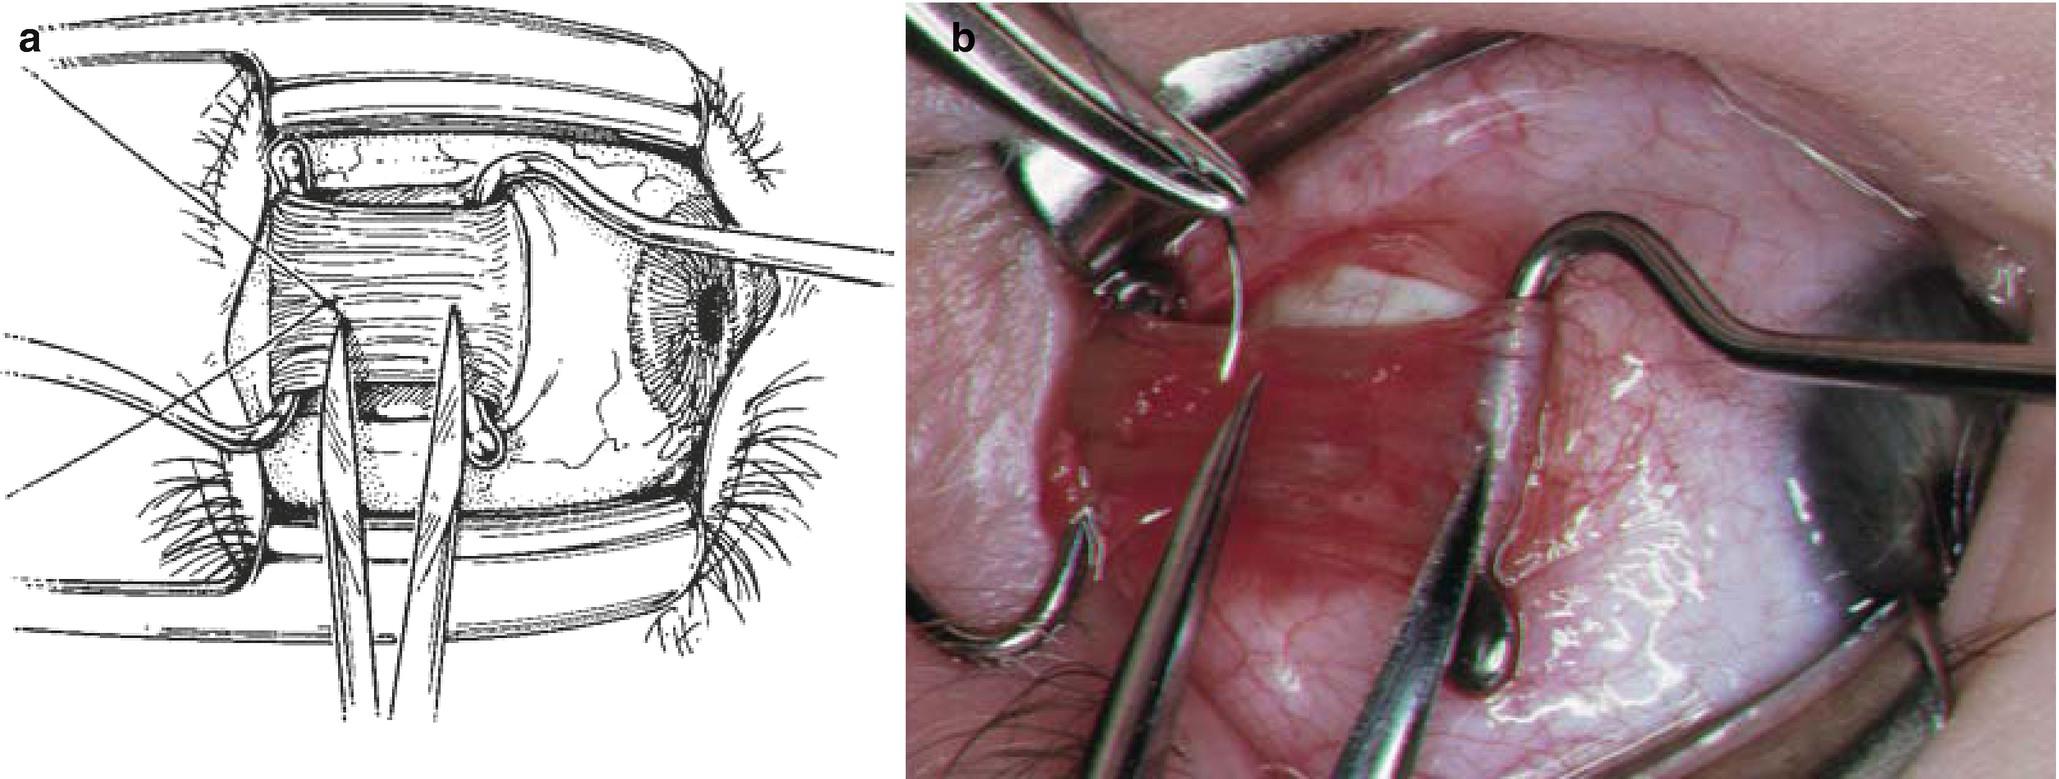 Rectus Muscle Tightening Procedures | SpringerLink